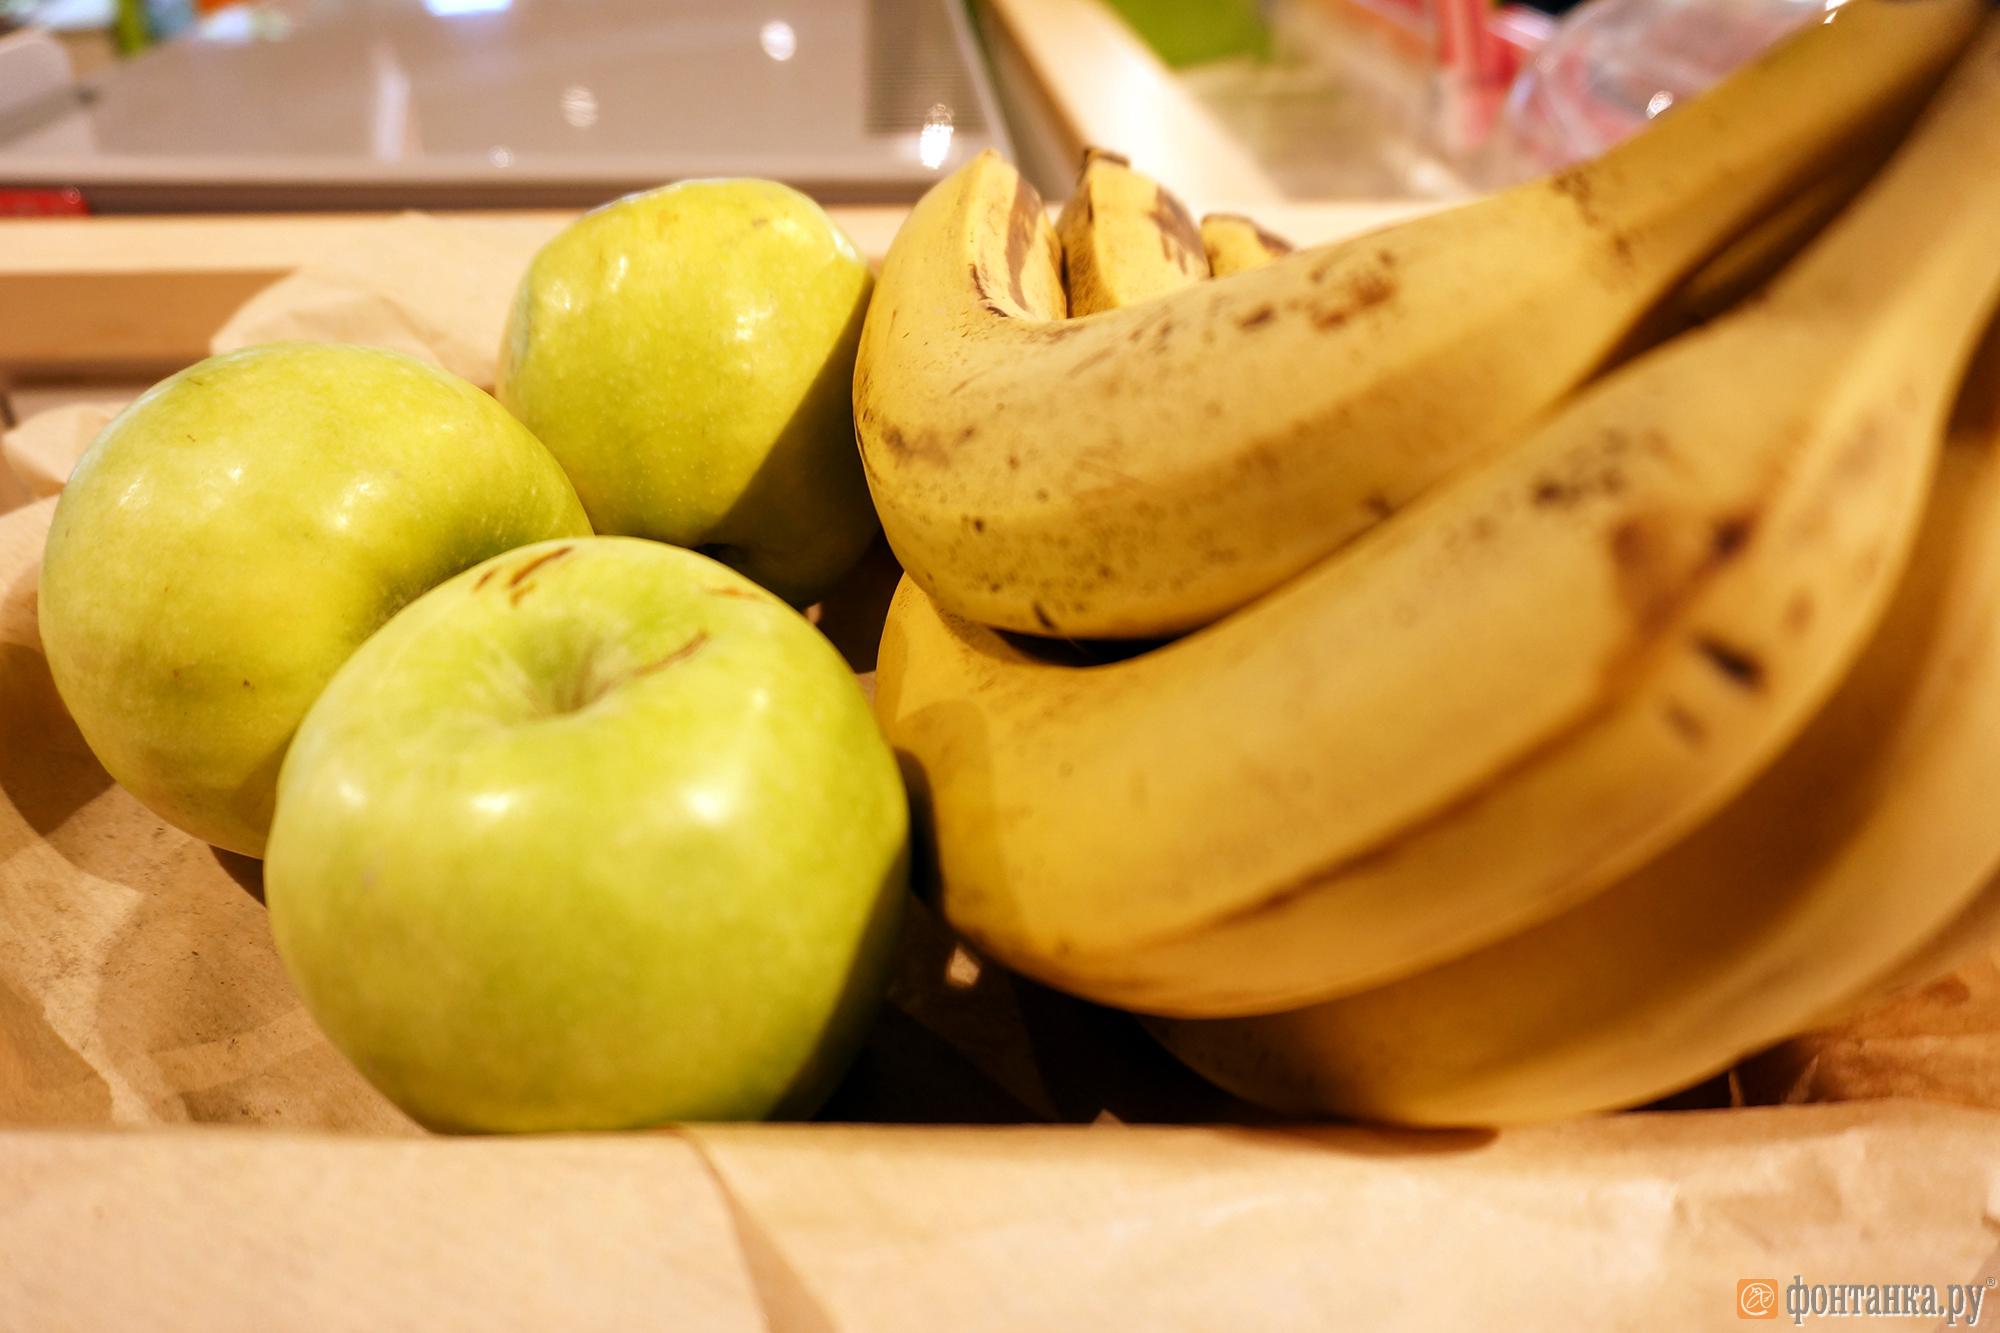 Свежие фрукты и овощи привозят на АЗС отдельно